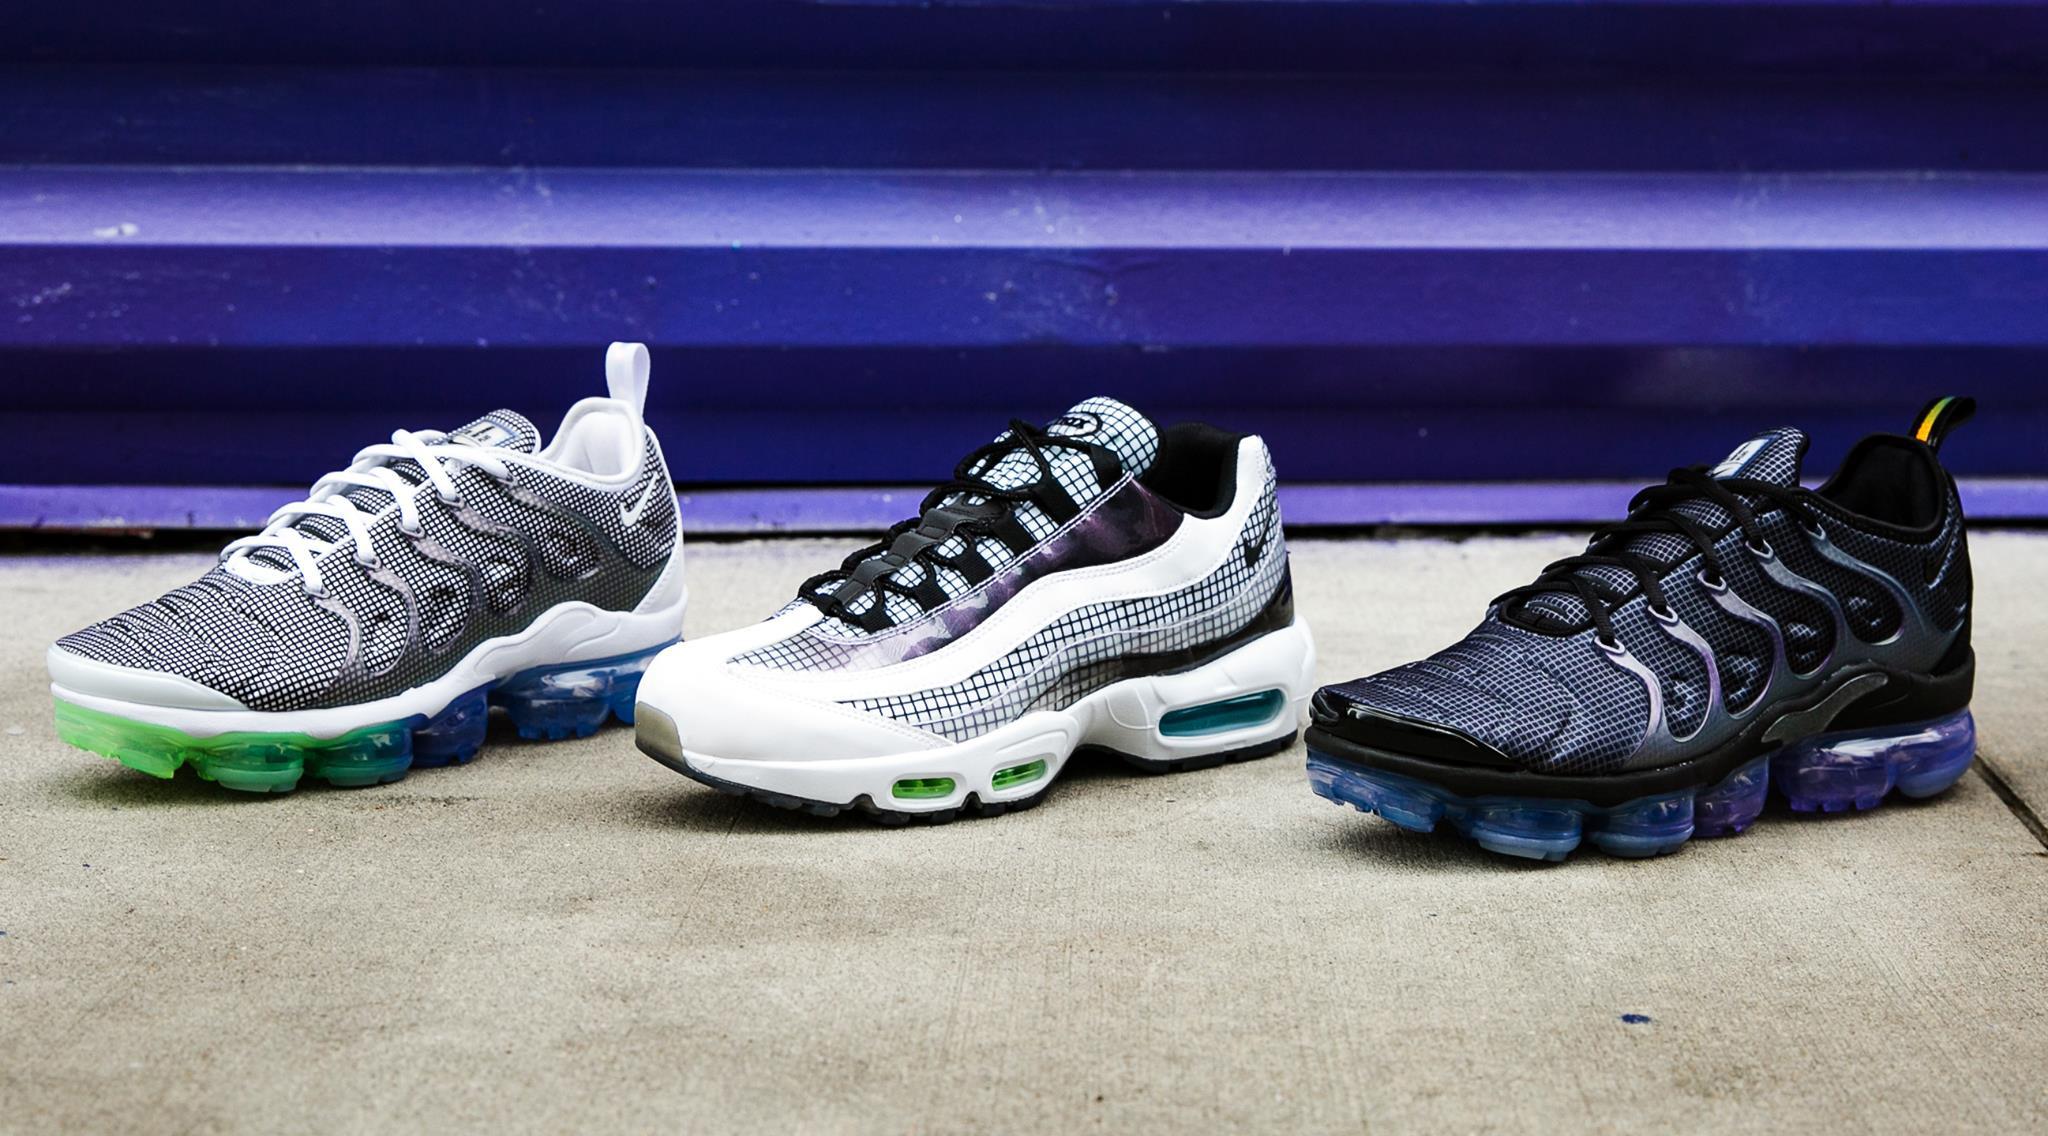 Nike Air Y2K Sneakers Where to Buy